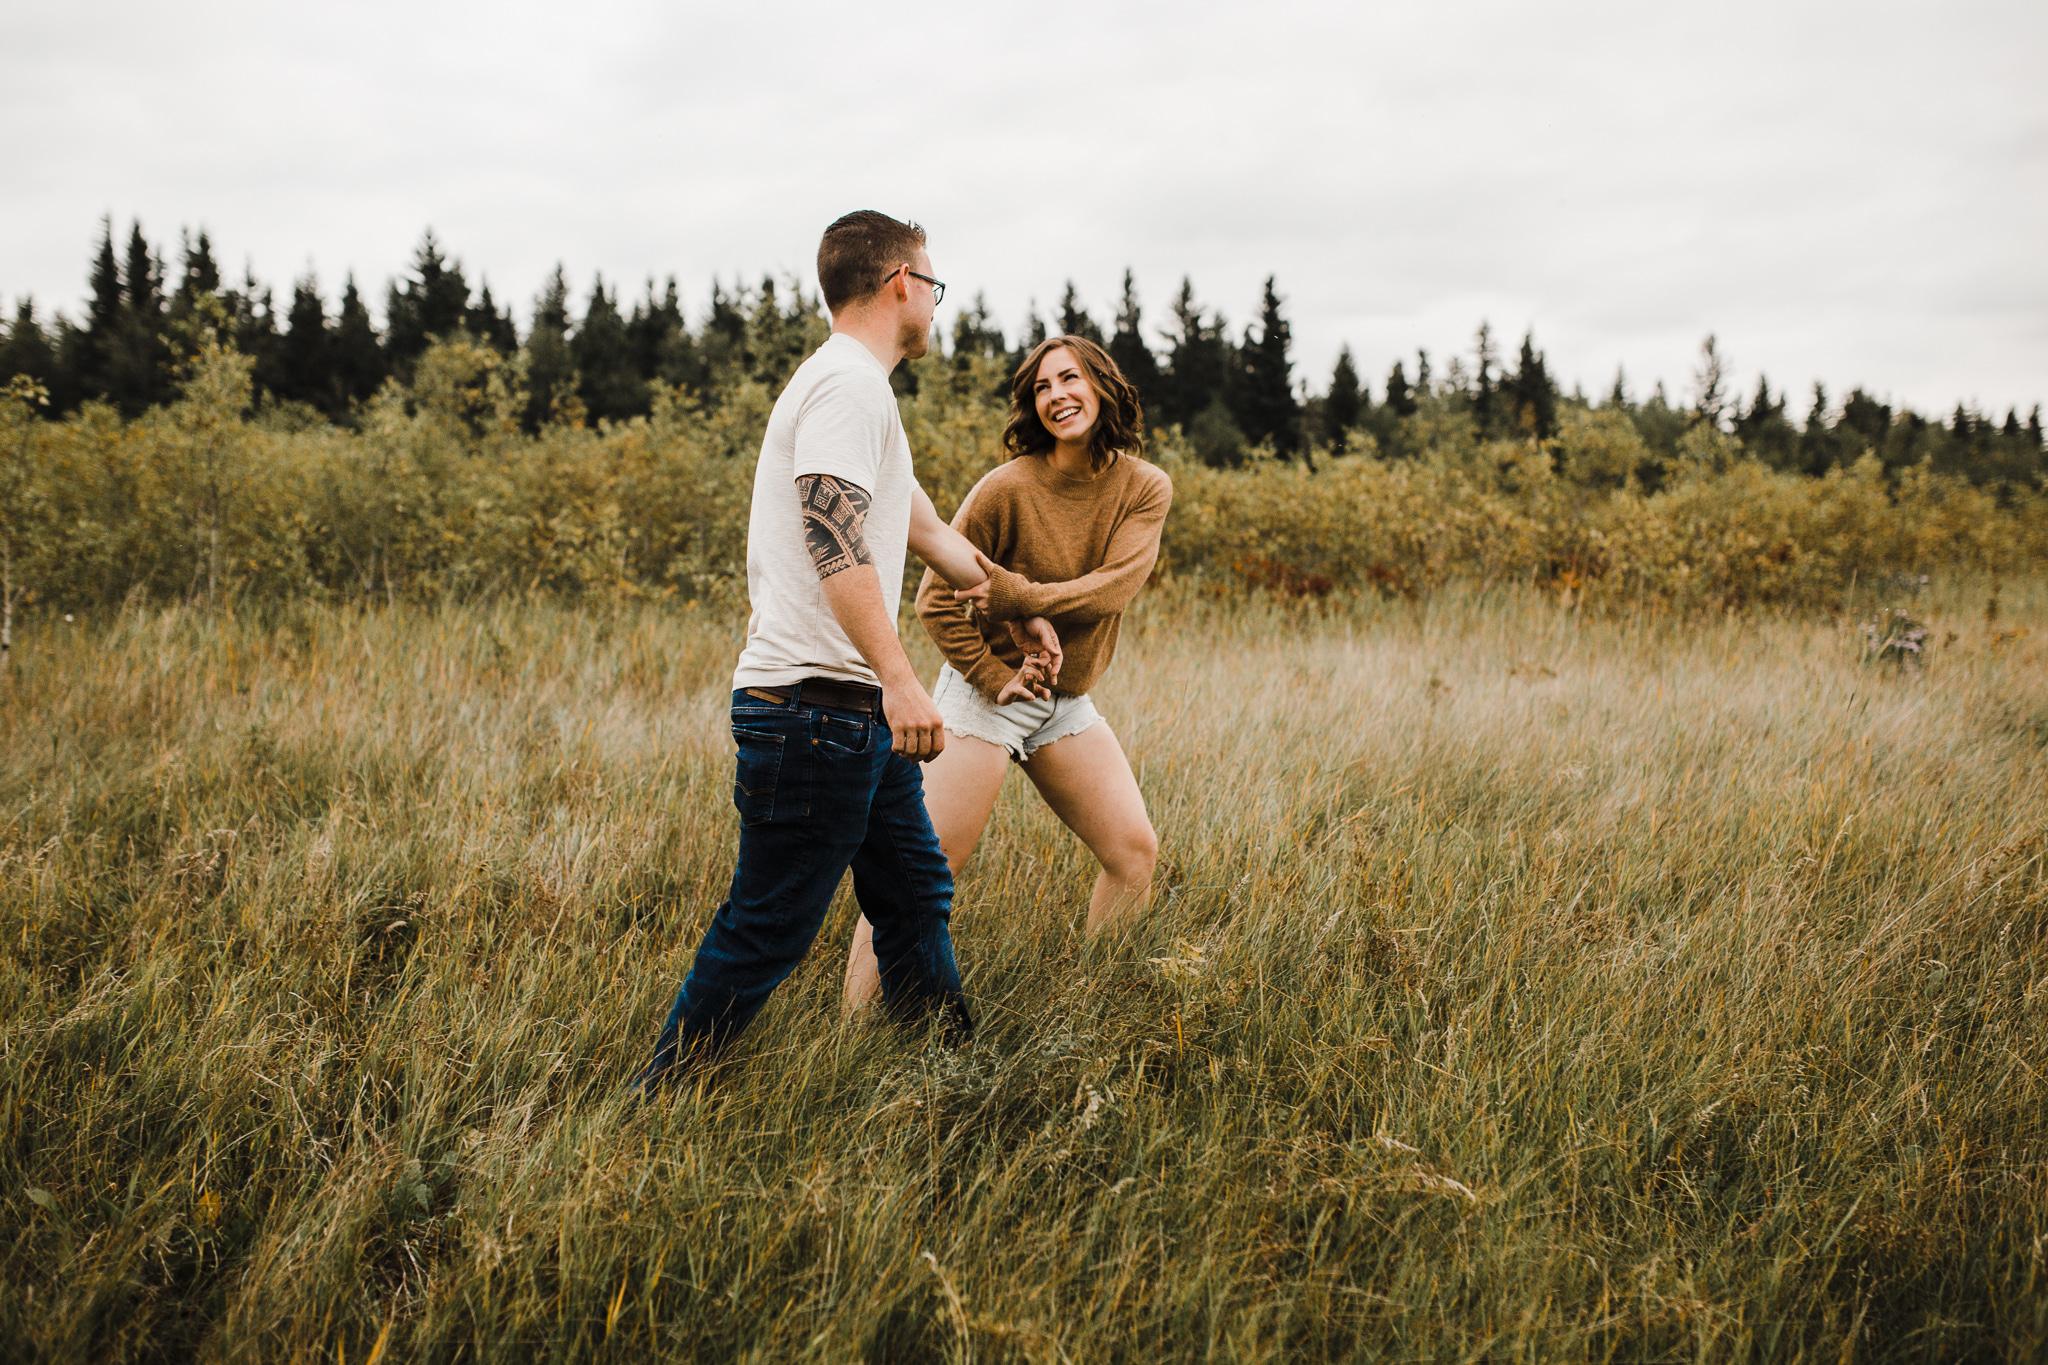 Alina-Joy-Photography-Cold-Lake-Lifestyle-Photographer-249.jpg